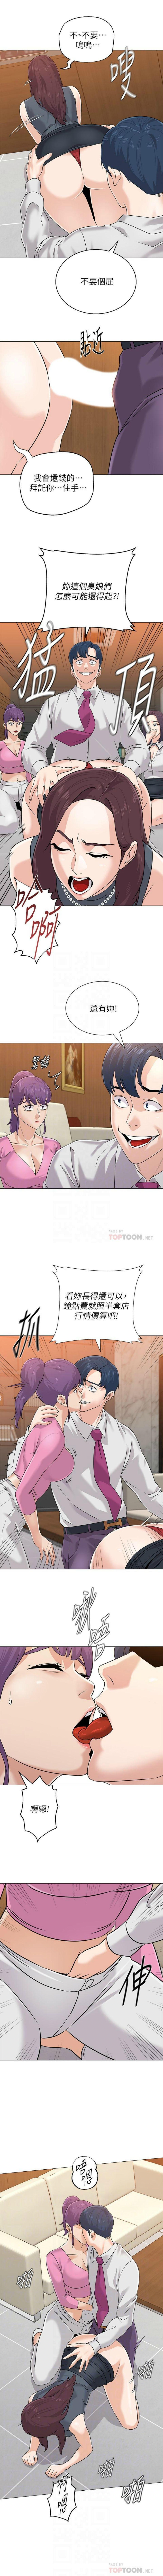 老師 1-80 官方中文(連載中) 599